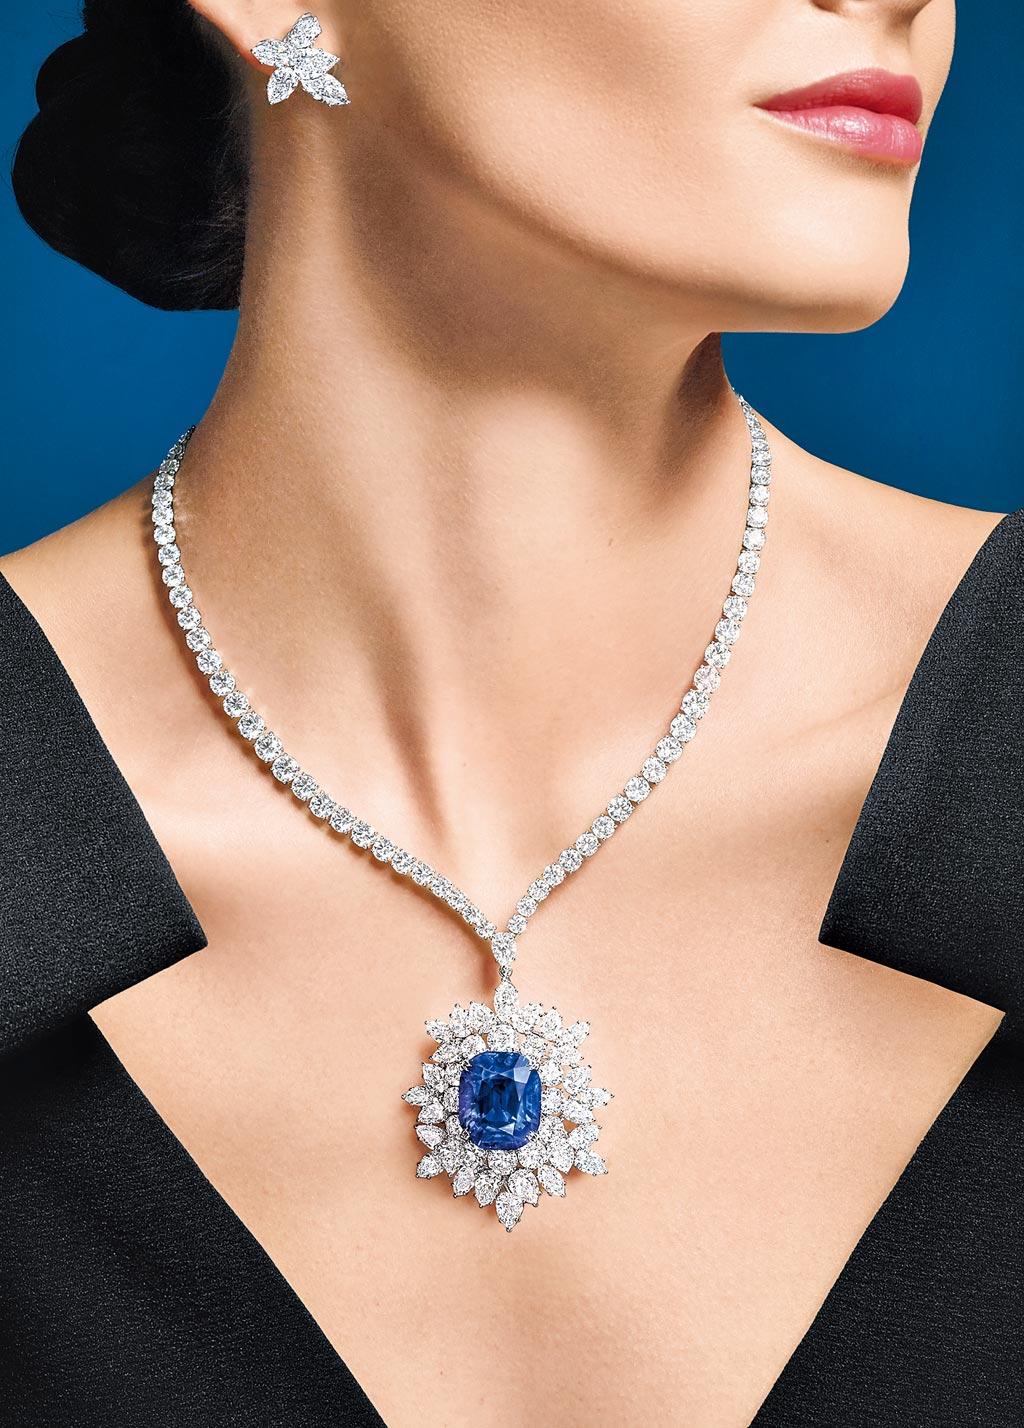 海瑞溫斯頓珠寶登台,碩大美鑽寶石閃爆眾人眼睛,圖為藍寶石項鍊,主石為31.13克拉藍寶石,約9200萬。(Harry Winston提供)